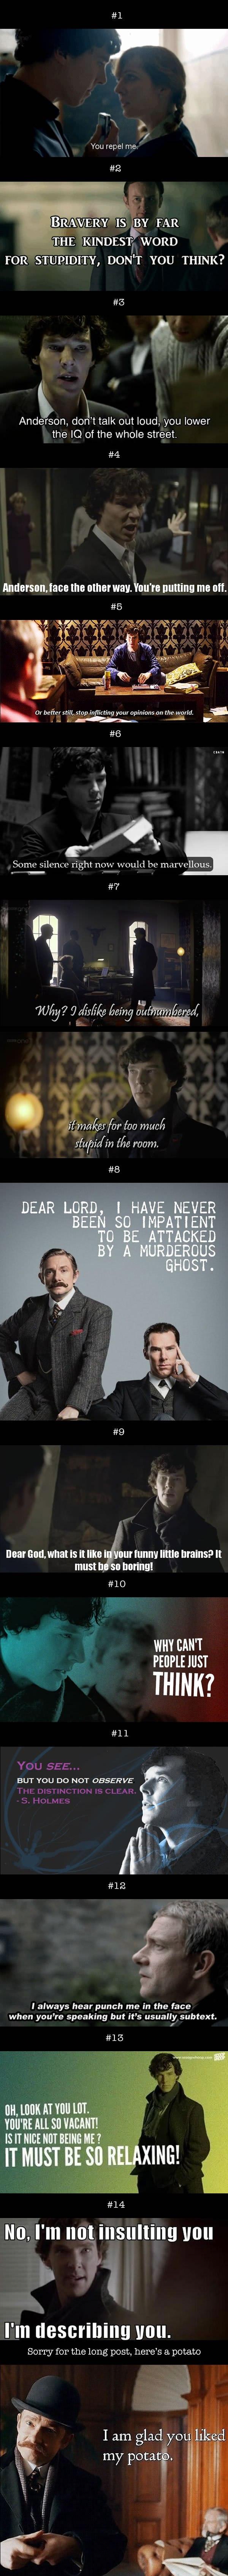 Sherlock Insults